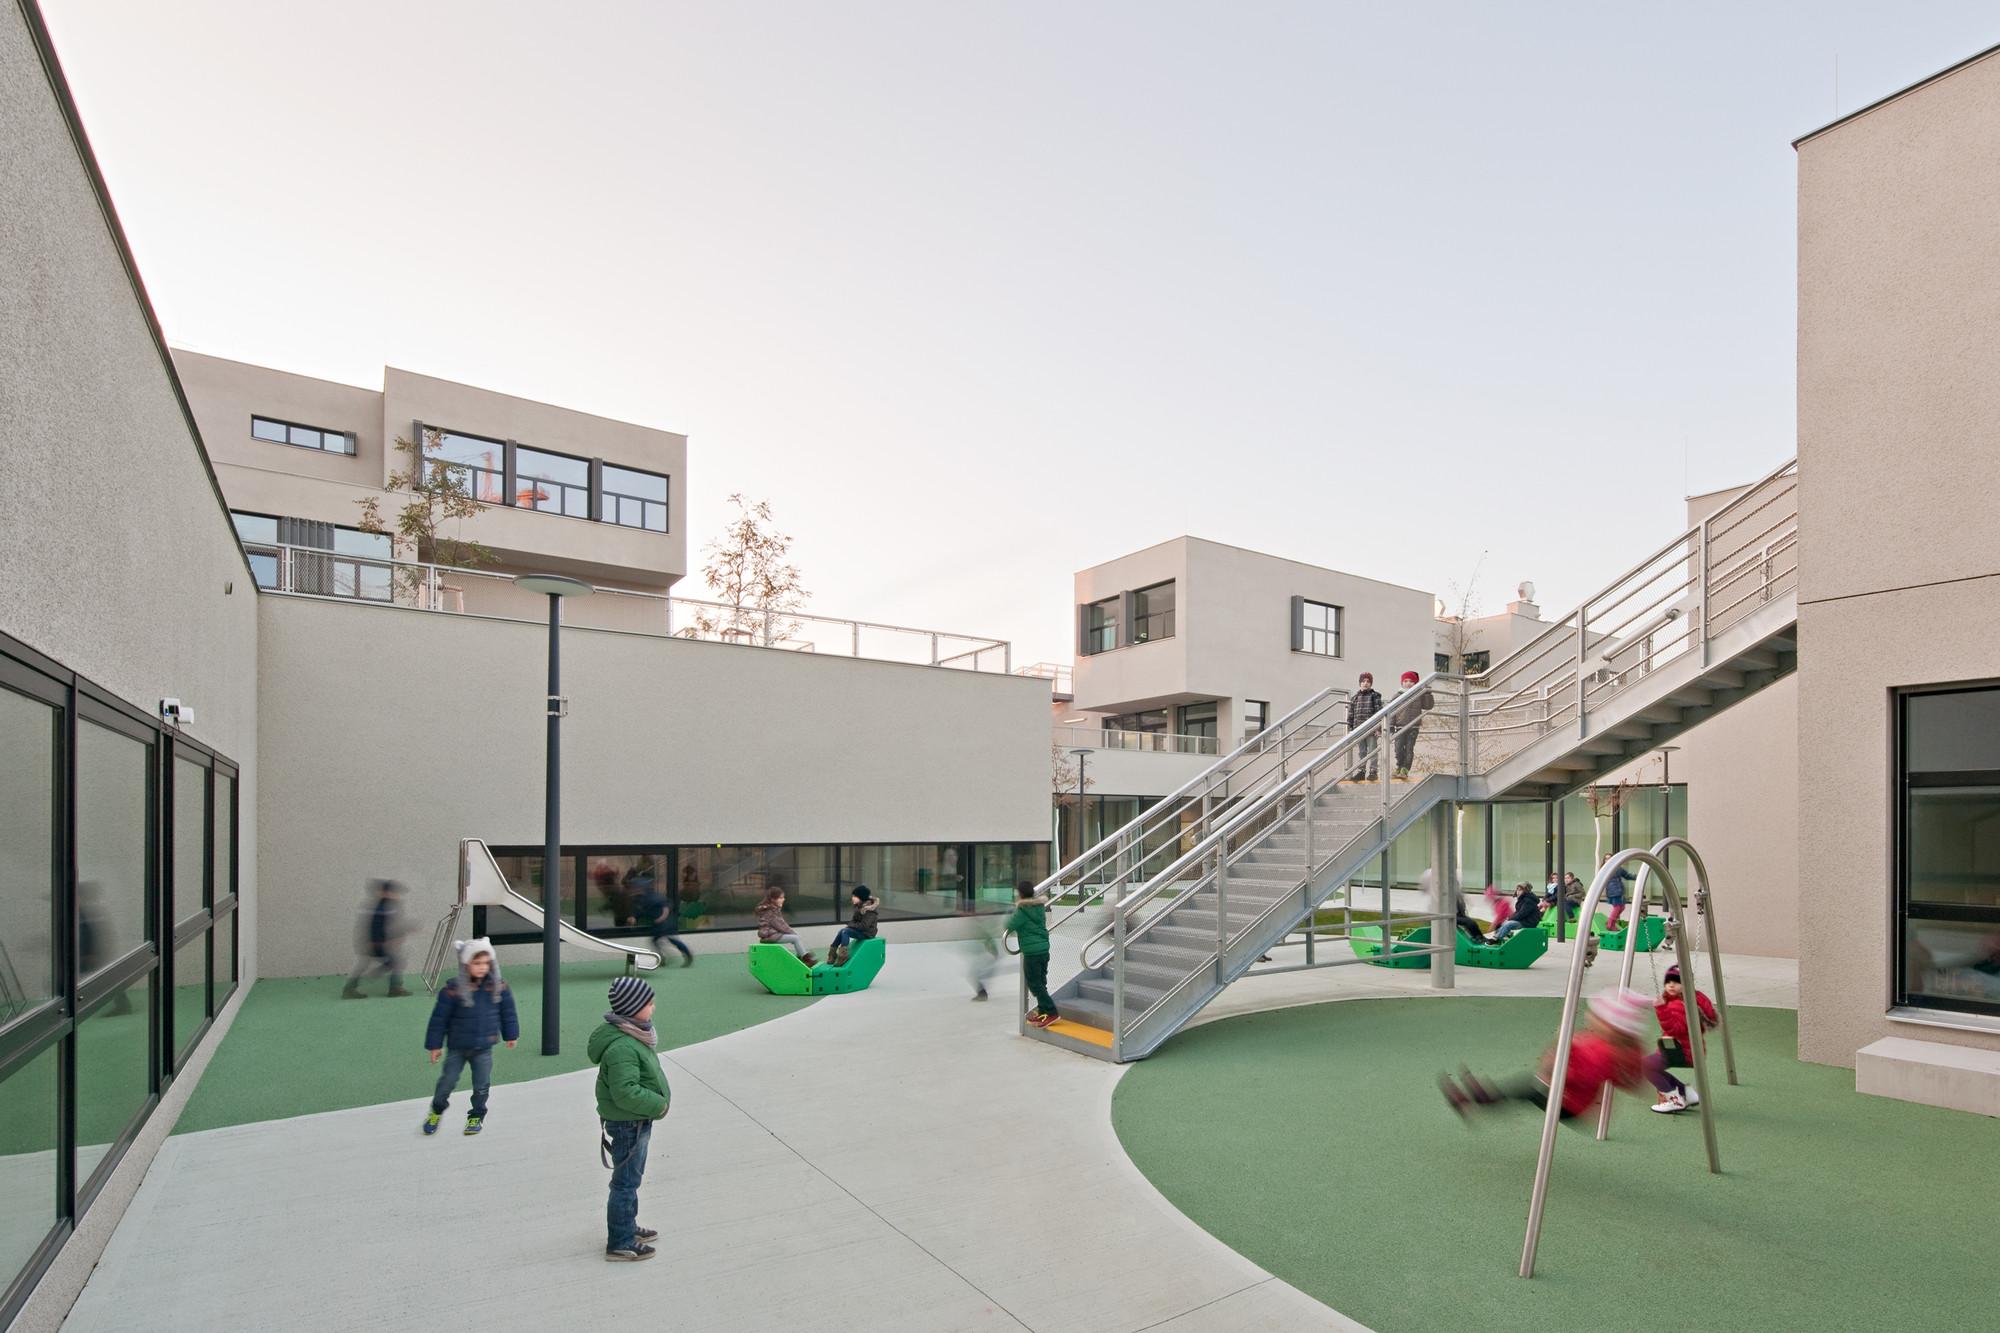 Bildungscampus sonnwendviertel ppag architects archdaily for Design schule wien